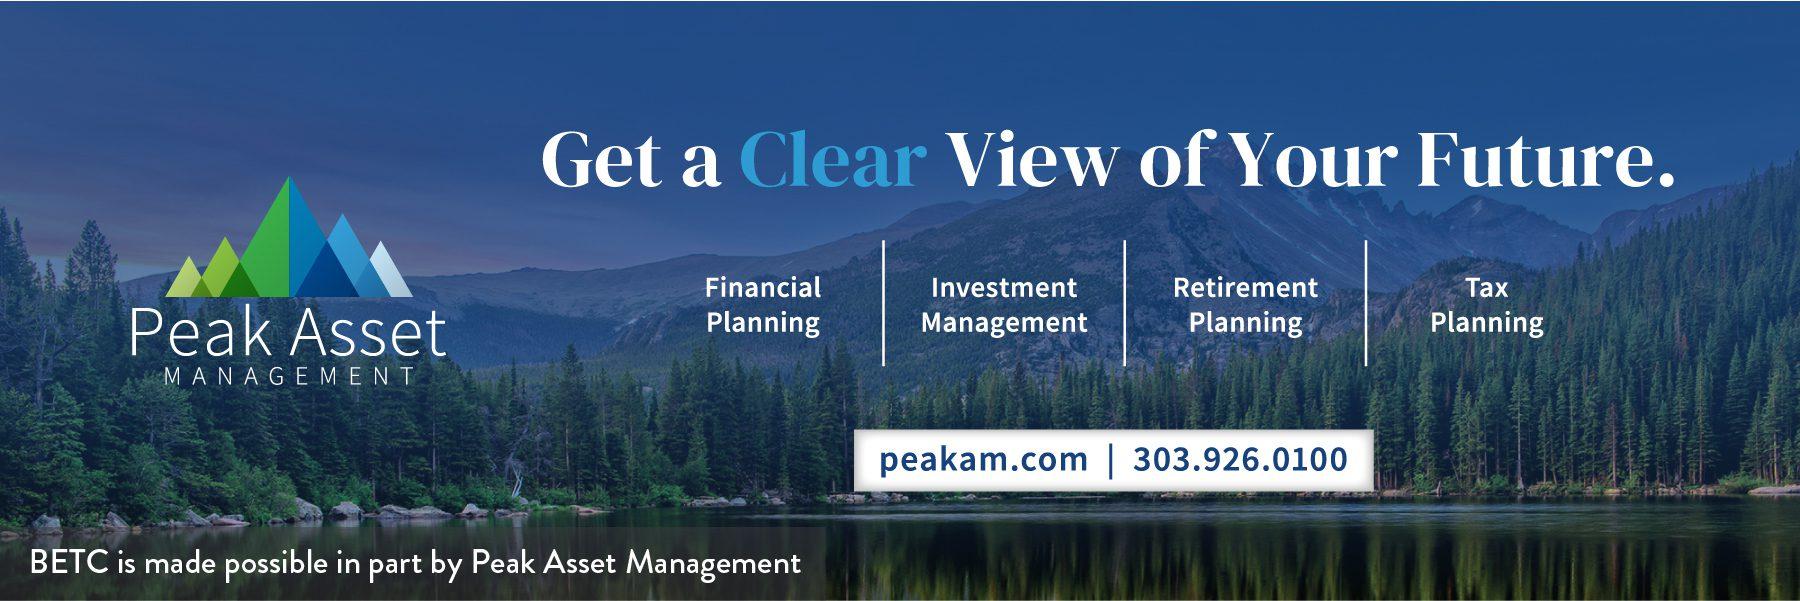 Peak Asset